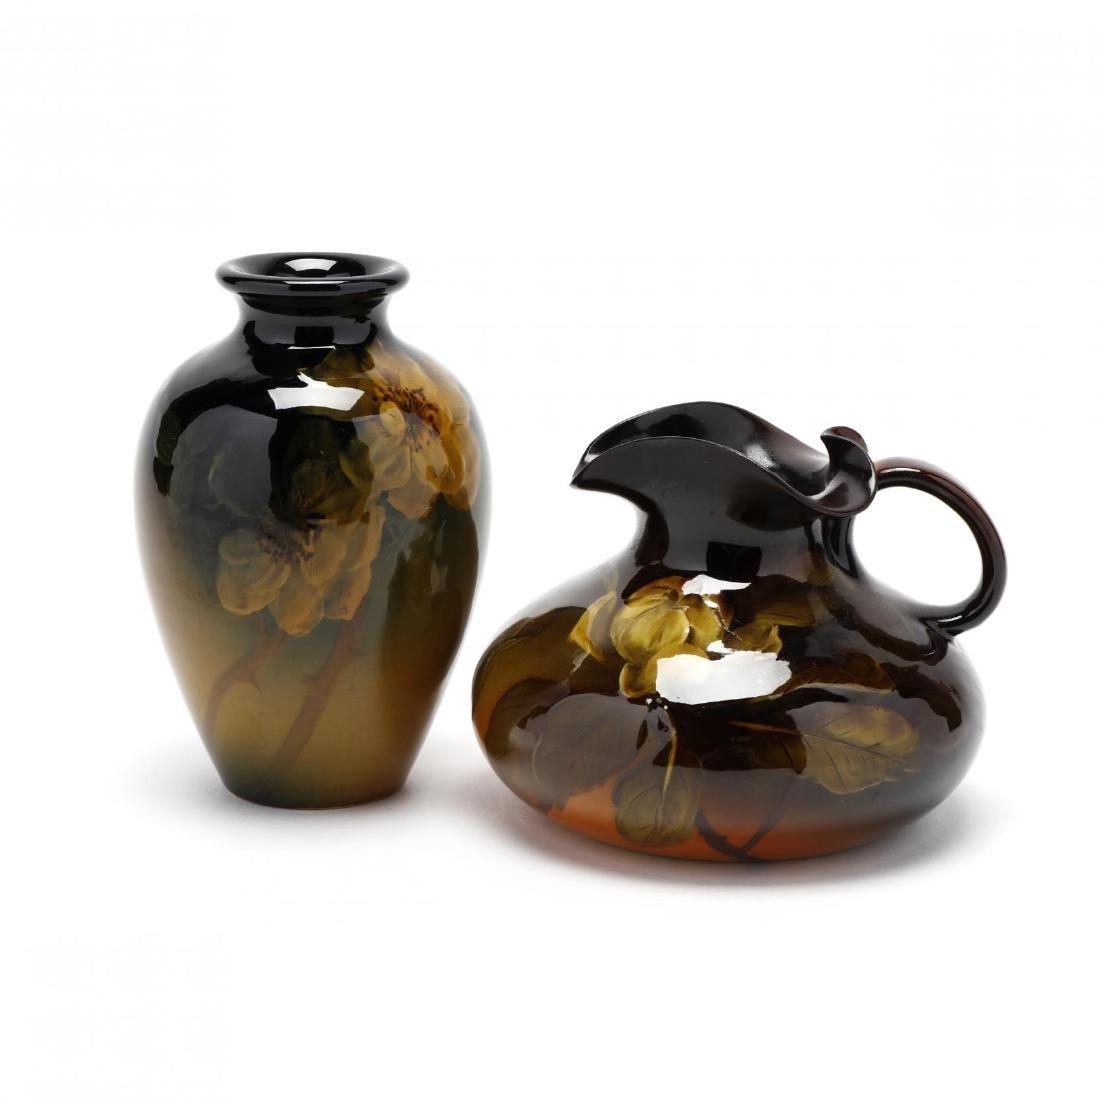 Art Pottery Strict Art Pottery Vase